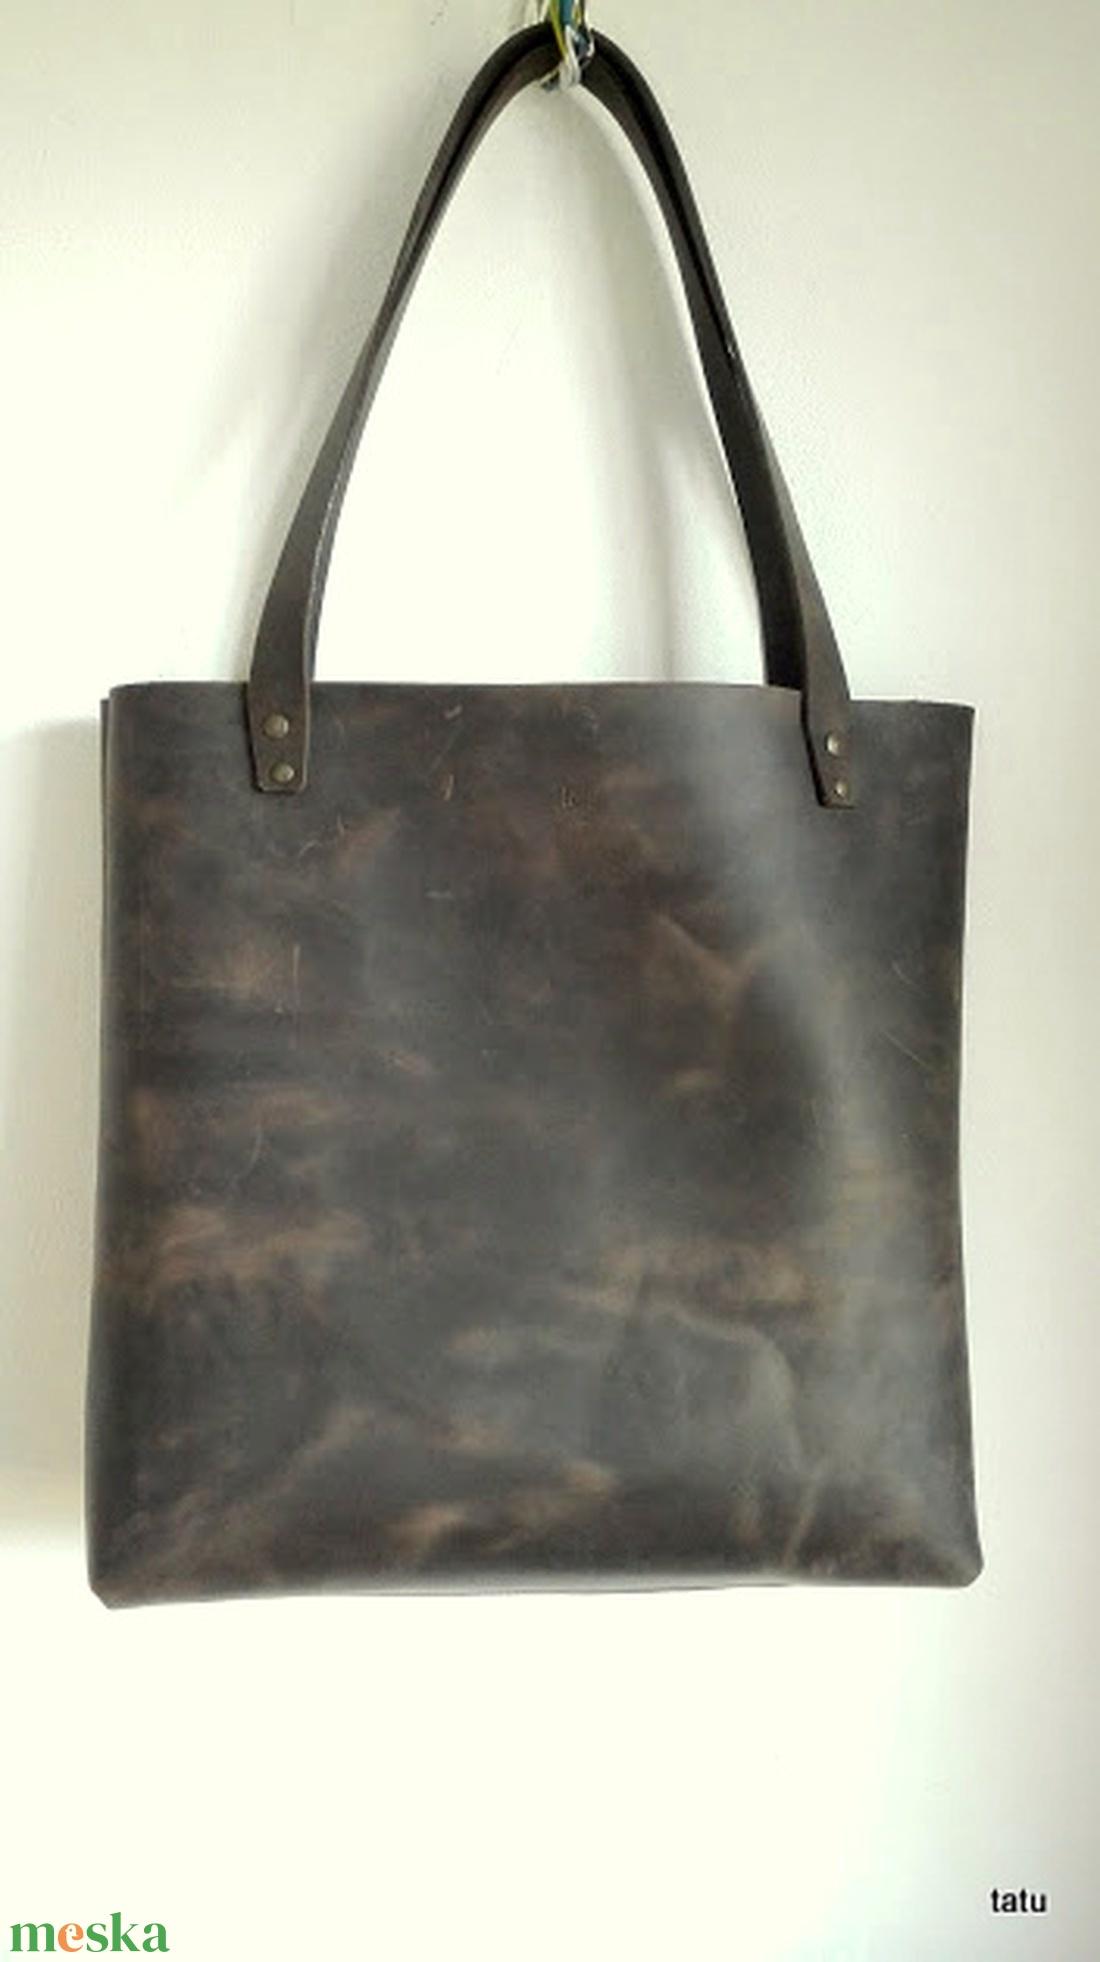 TOTE BAG bőr táska (tatuShop) - Meska.hu 73a0e51f0a